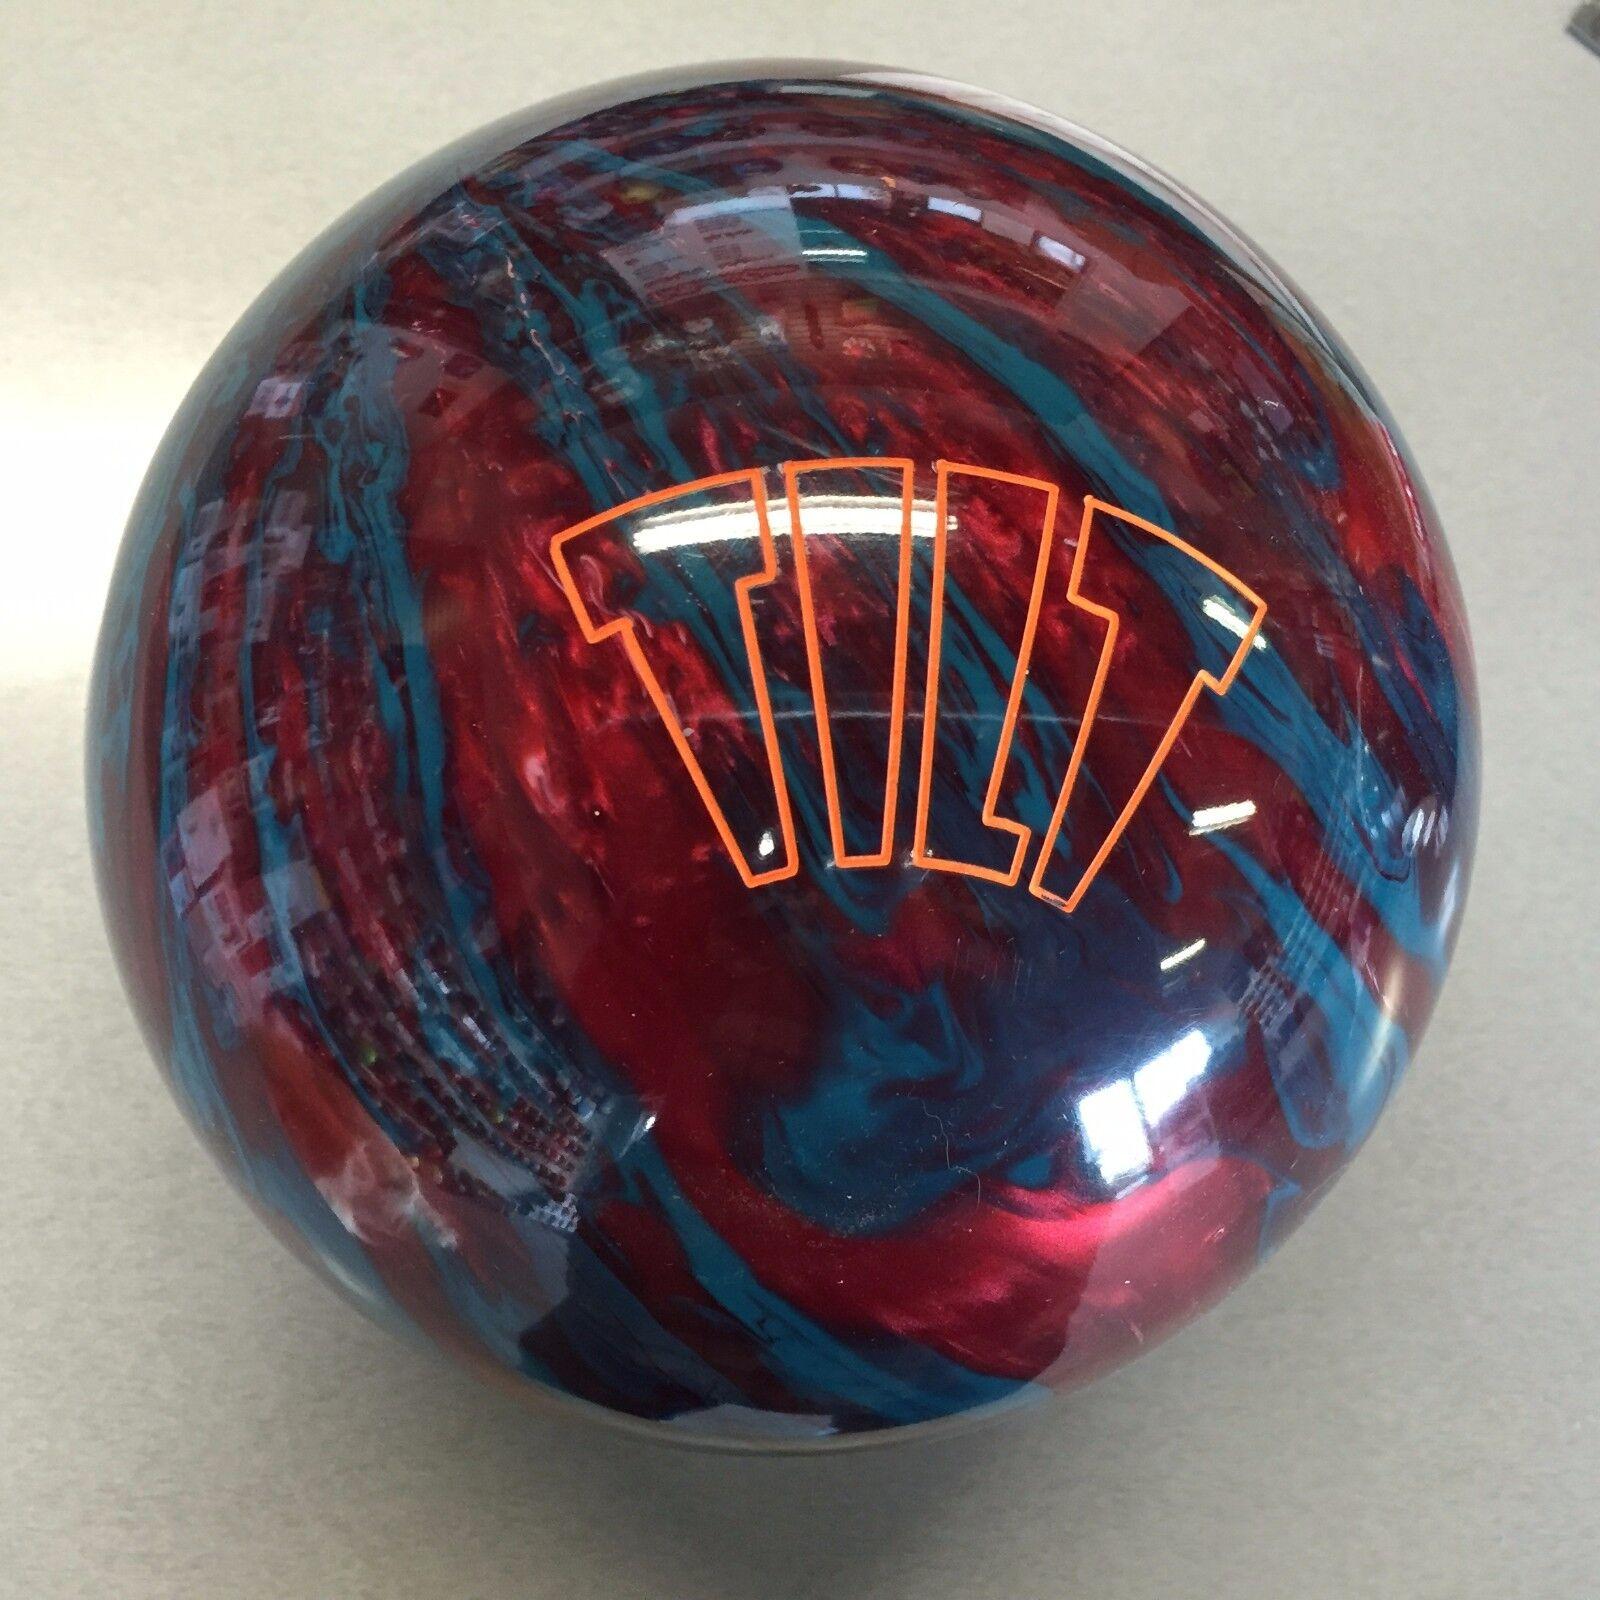 CIRCLE TILT   BOWLING ball 15 lb  NEW IN BOX   VERY RARE